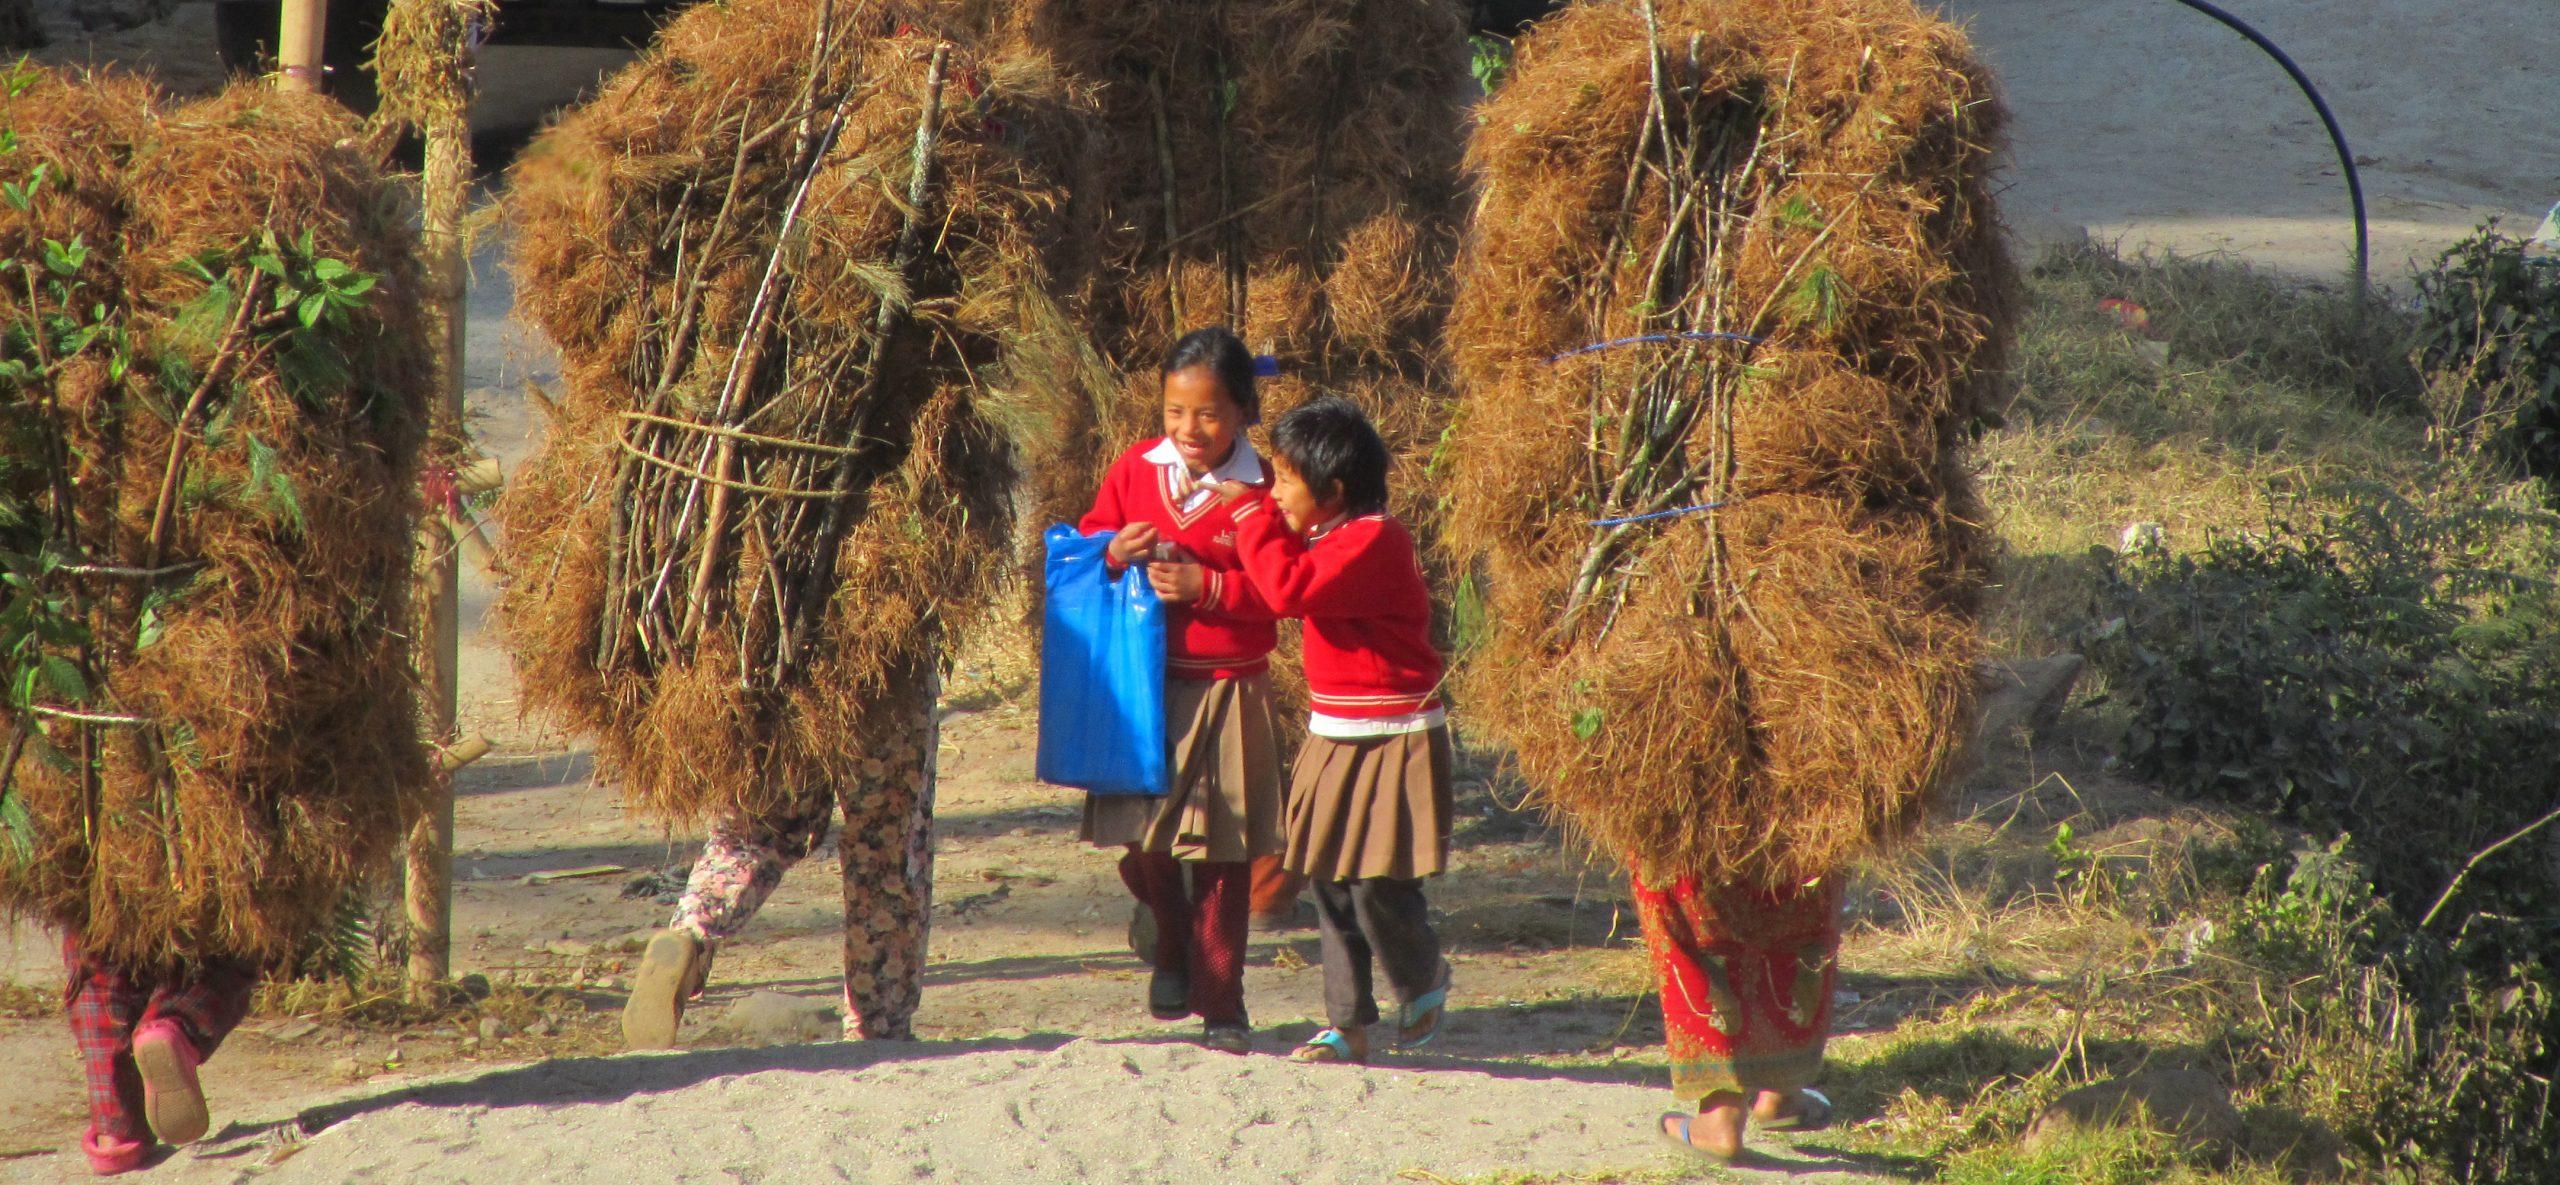 Trekking life in Nepal